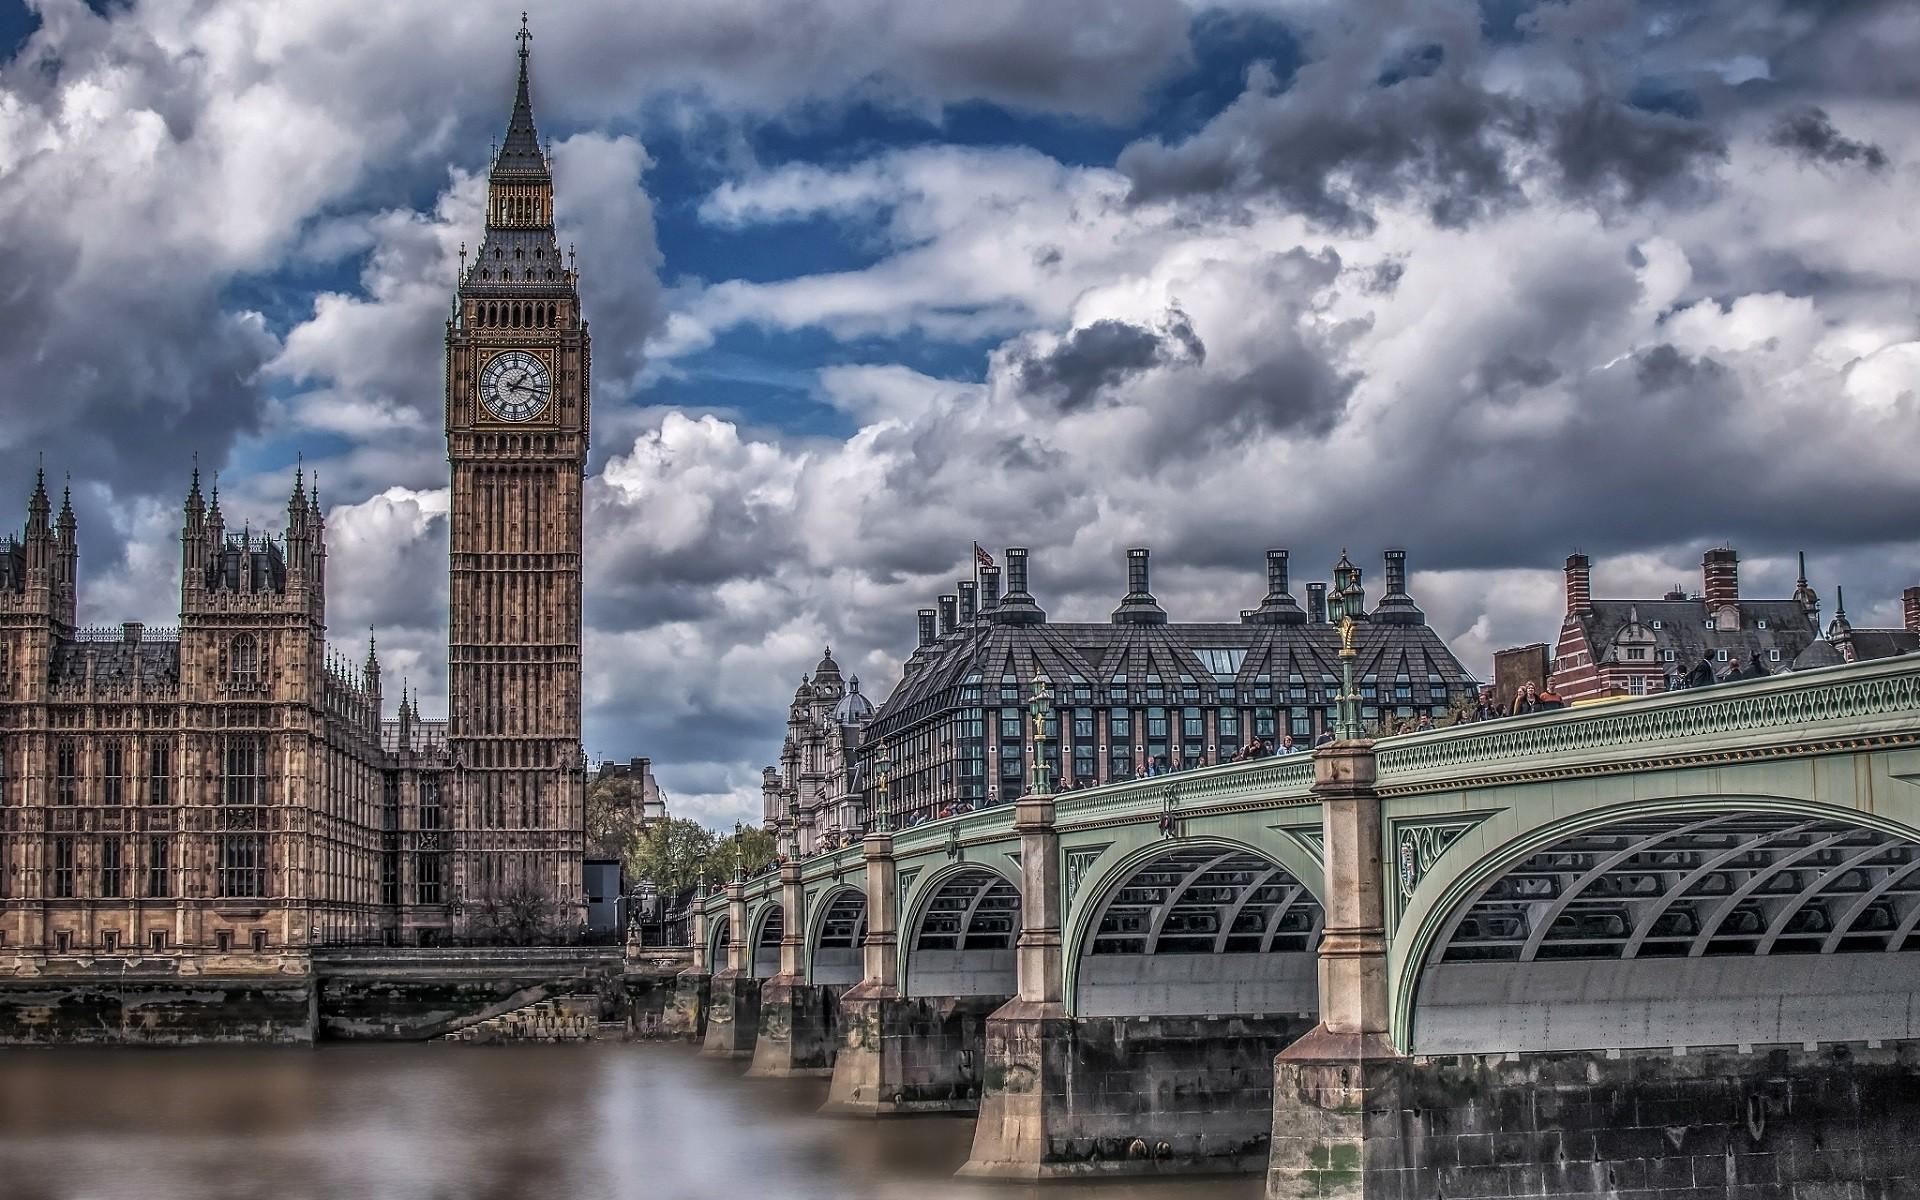 они отличаются картинка город лондон помещения кассы предприятия